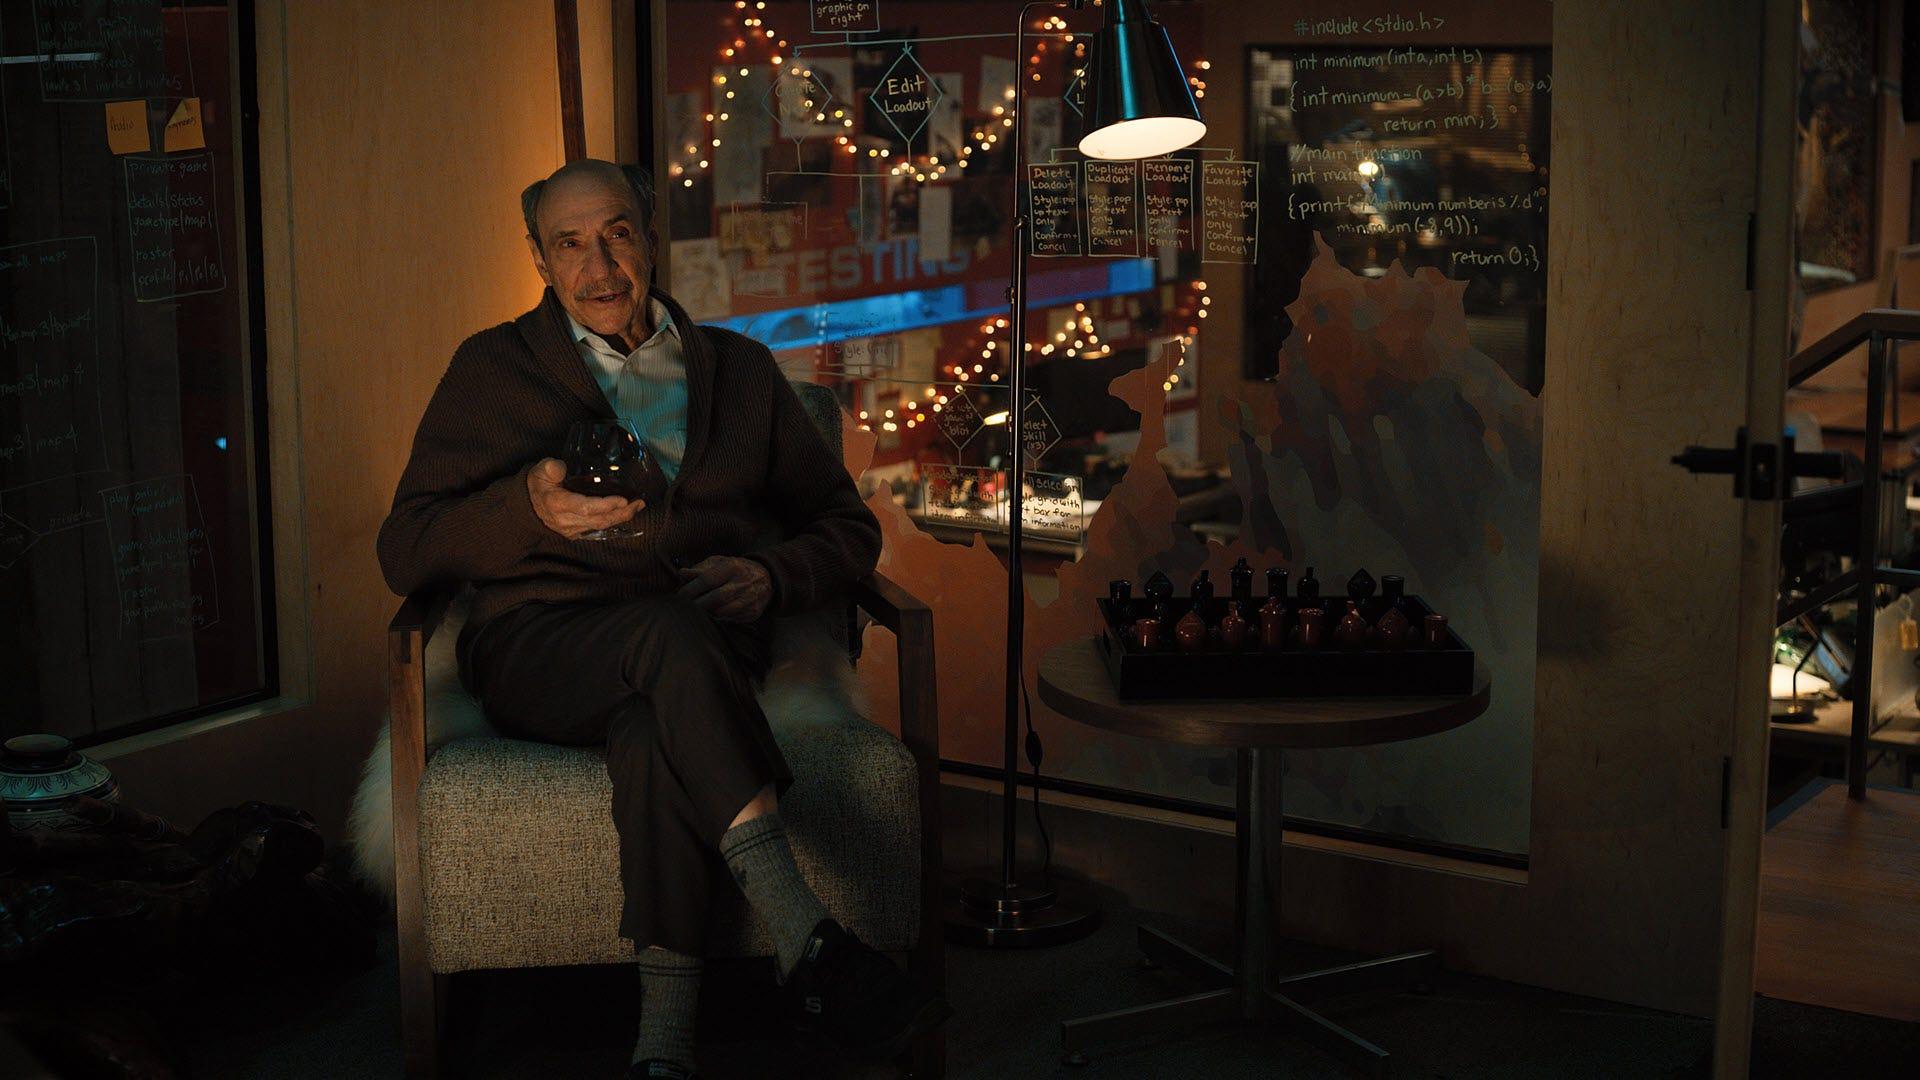 CW Longbottom يشرب الويسكي في المكتب.